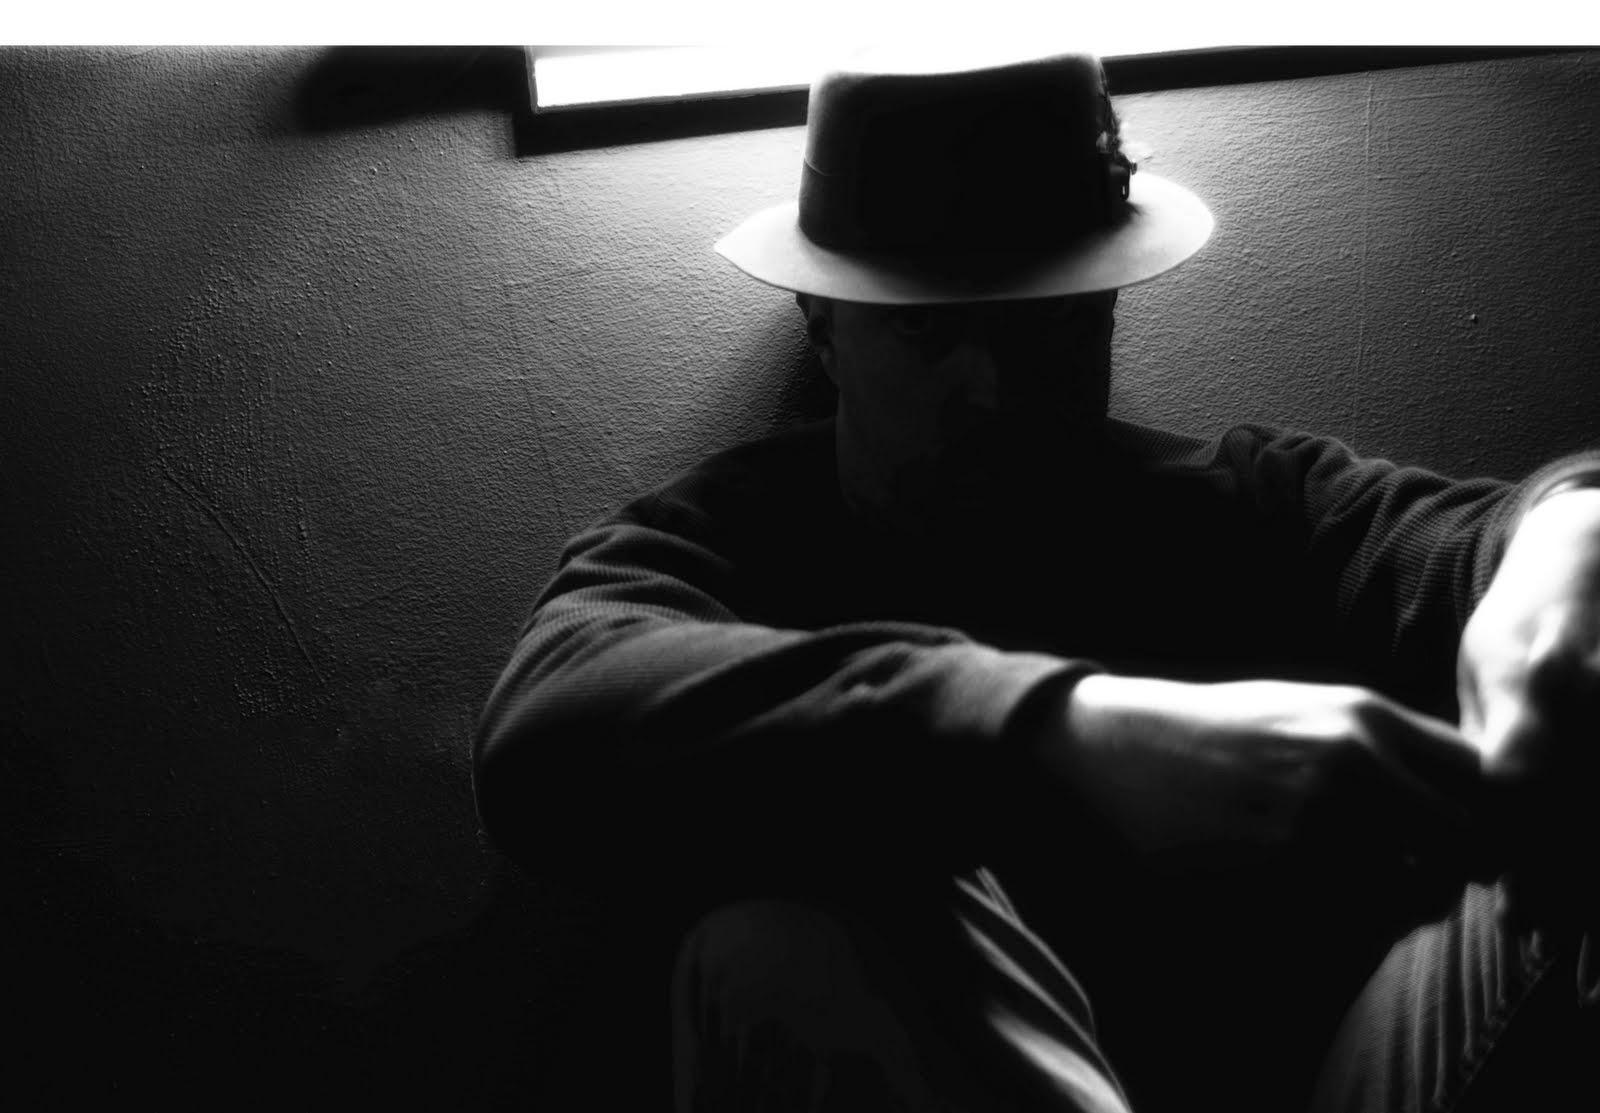 Kỹ năng tìm kiếm chứng cứ qua internet của một thám tử chuyên nghiệp